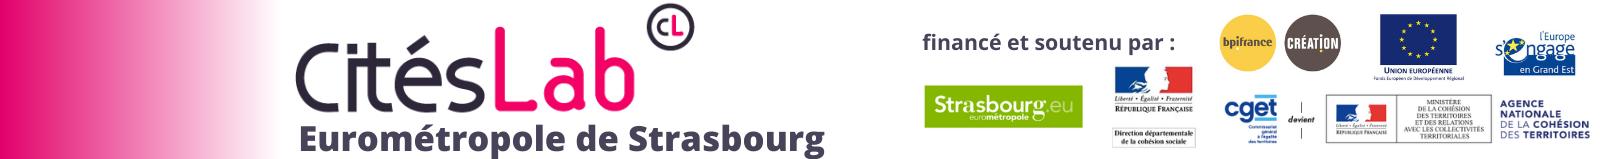 CitésLab Eurométropole de Strasbourg